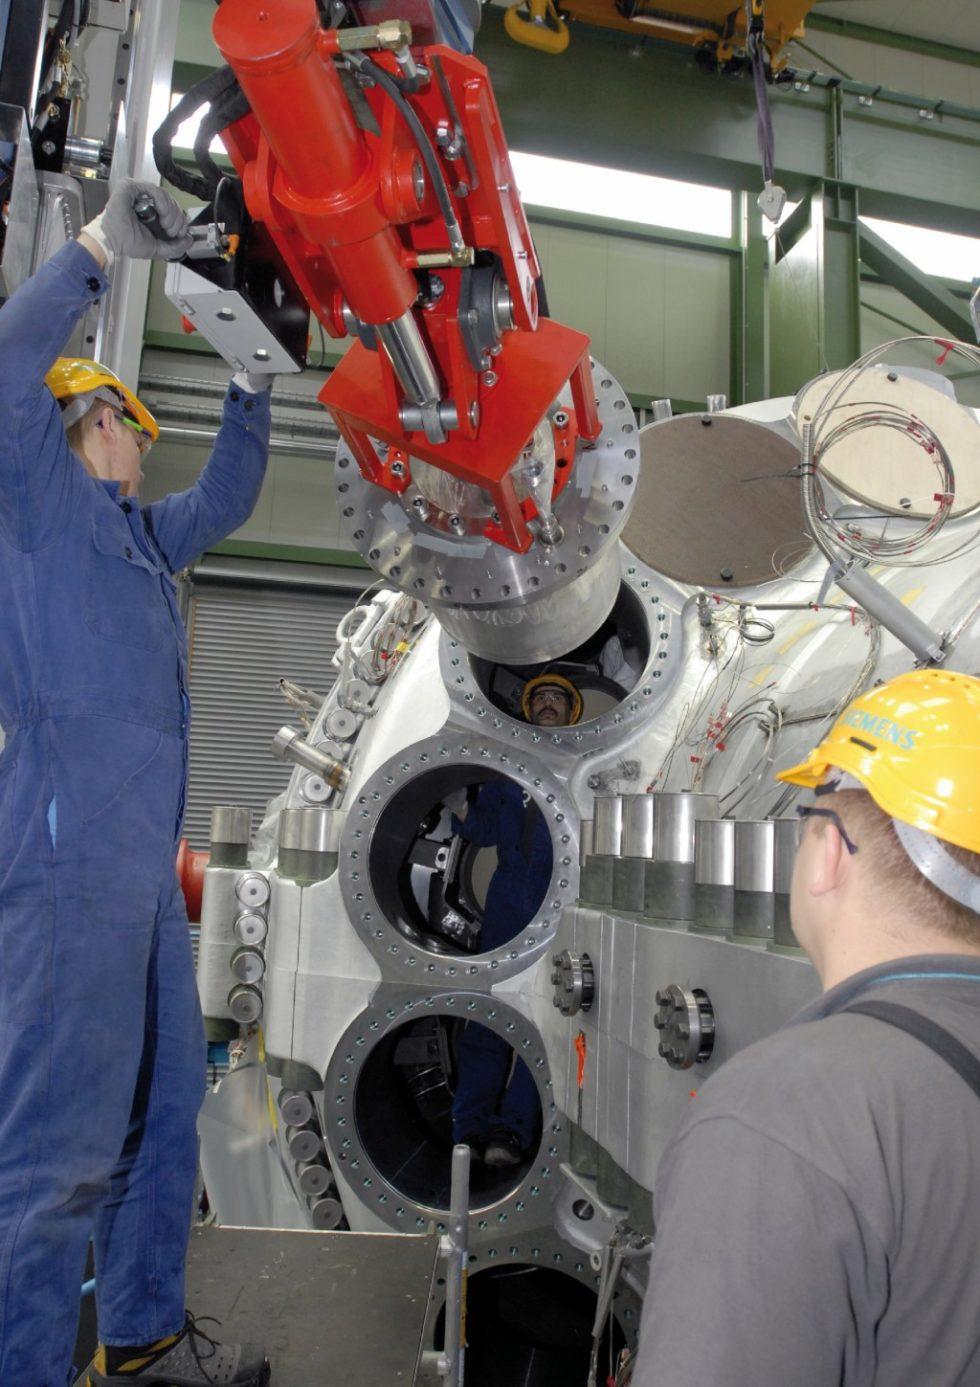 Im neuen ‧Testzentrum für Gasturbinen-Brenner in ‧Ludwigsfelde bei Berlin untersucht Siemens künftig Verbrennungs‧vorgänge in ‧Gasturbinen. Ziel ist es, die ‧Effizienz der Gasturbinen weiter zu erhöhen und ihre Flexibilität im Hinblick auf unterschiedliche flüssige und ‧gasförmige Brennstoffe zu optimieren. Bild: Siemens